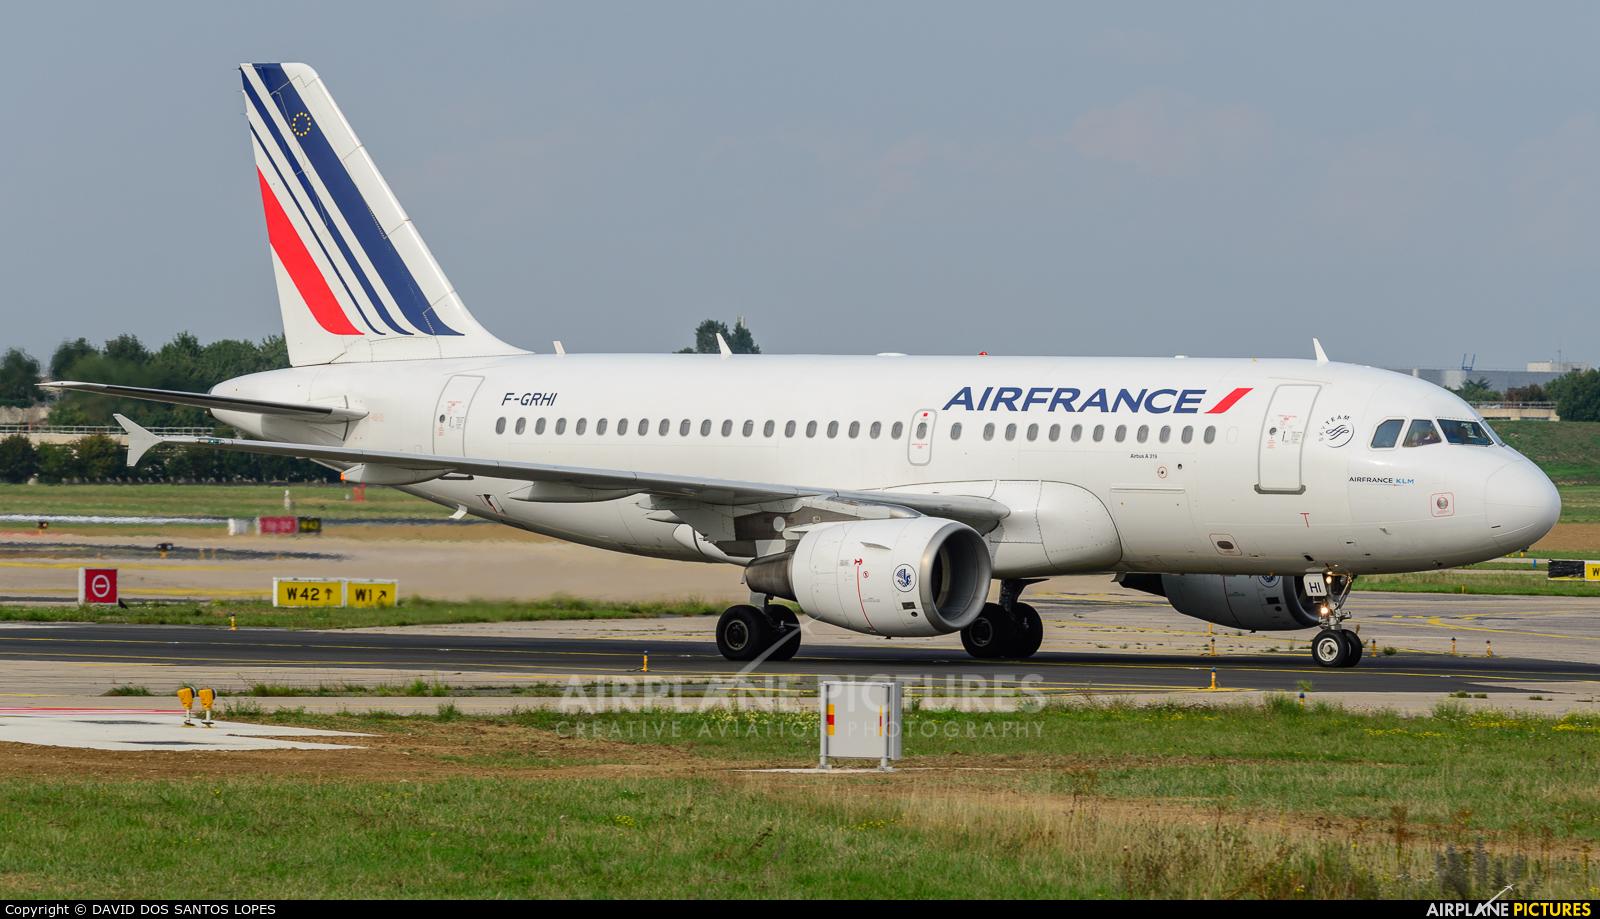 Air France F-GRHI aircraft at Paris - Orly